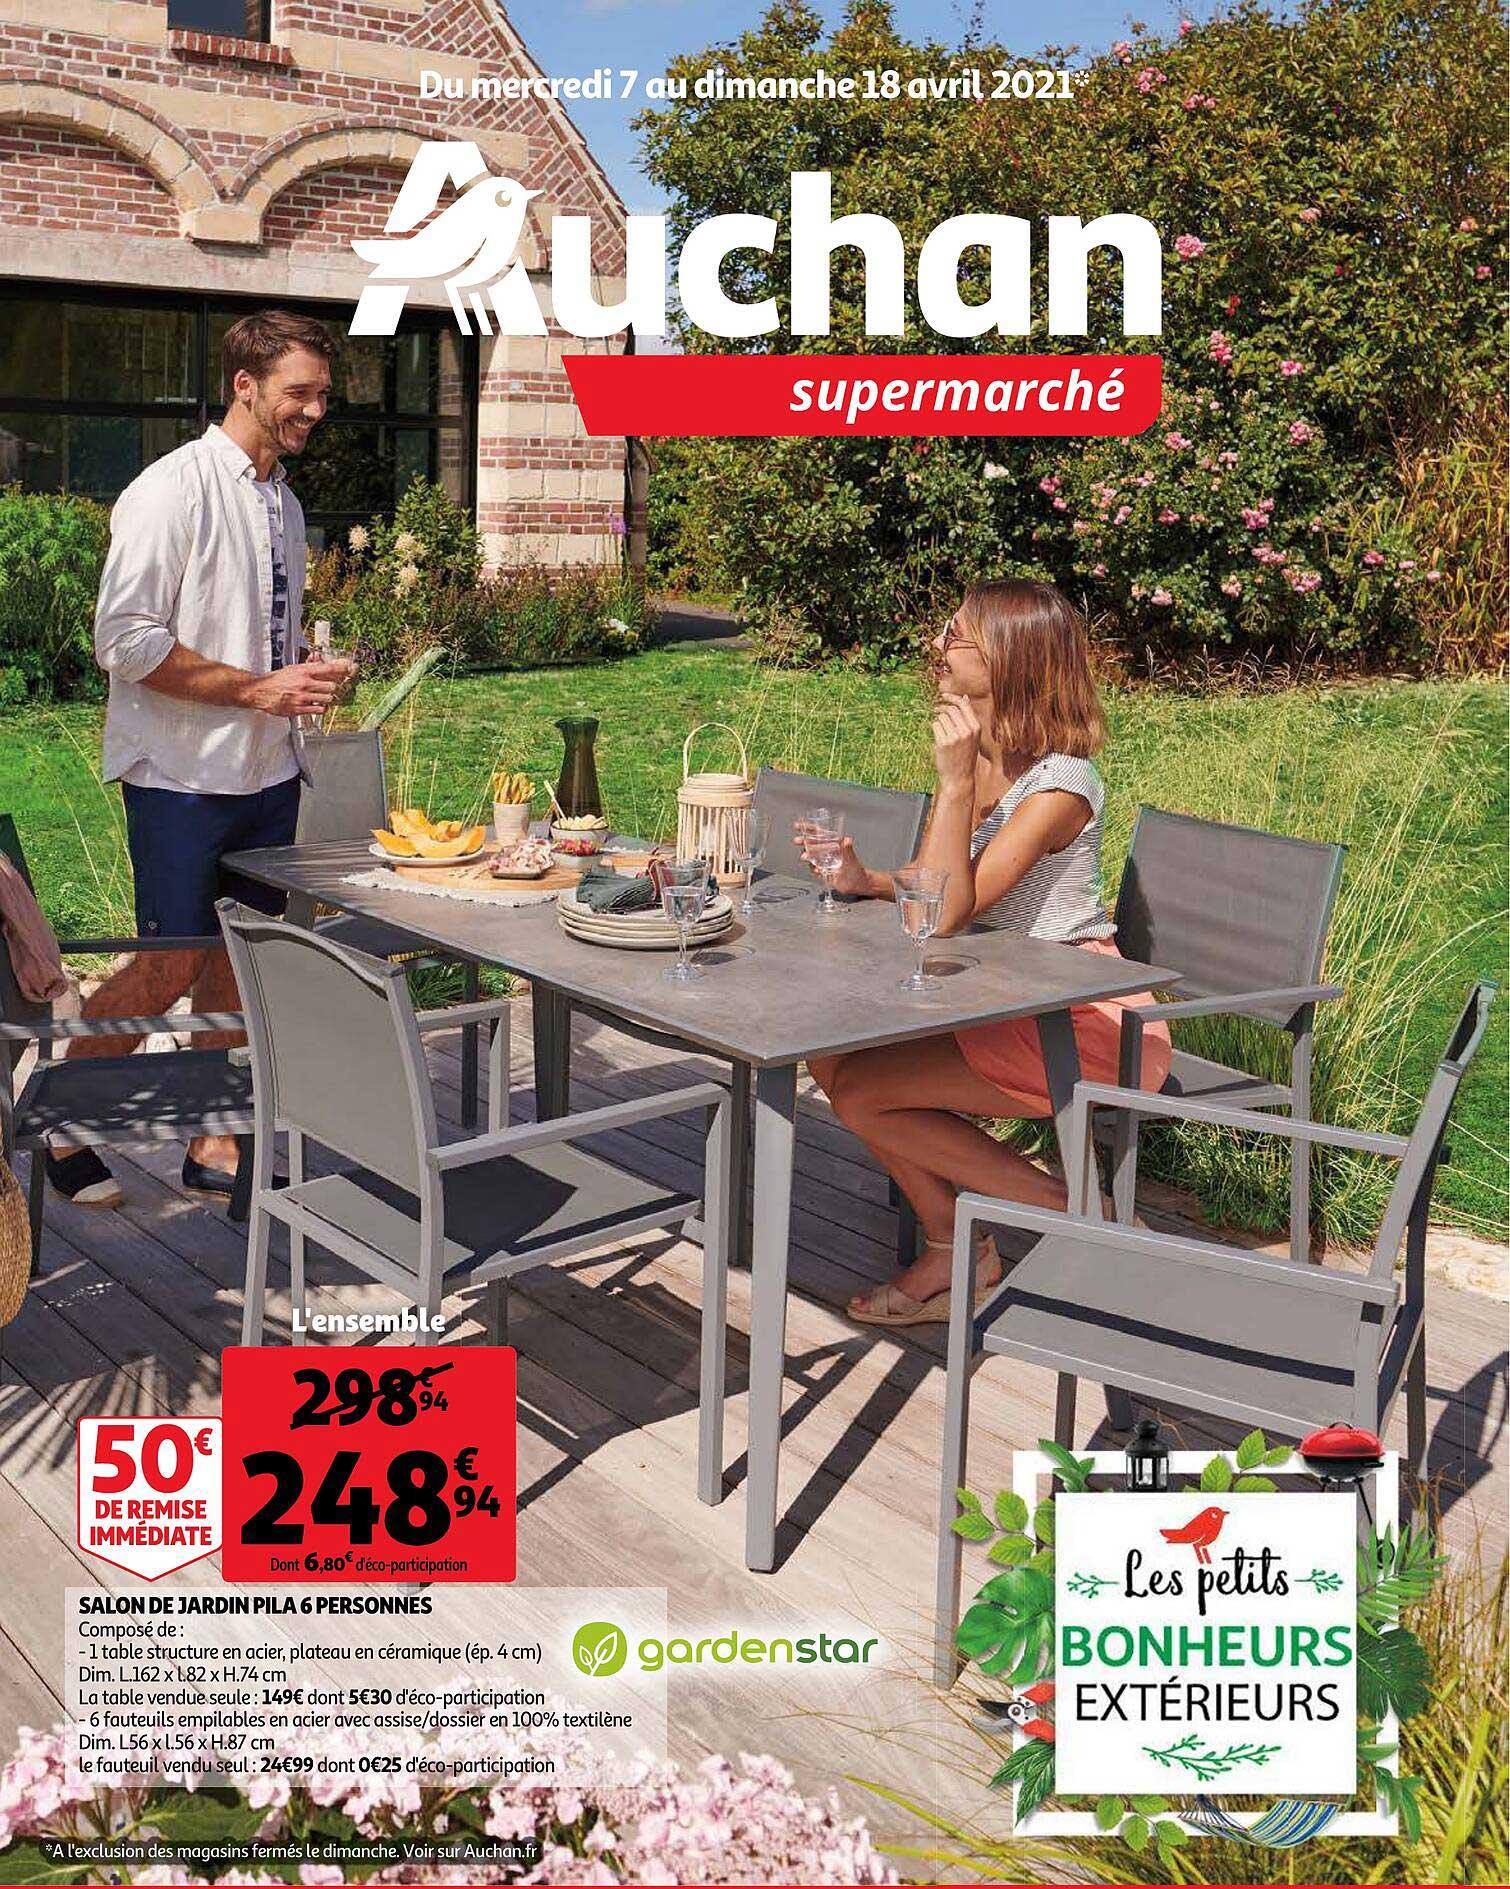 Offre Salon De Jardin Pila 6 Personnes Chez Auchan